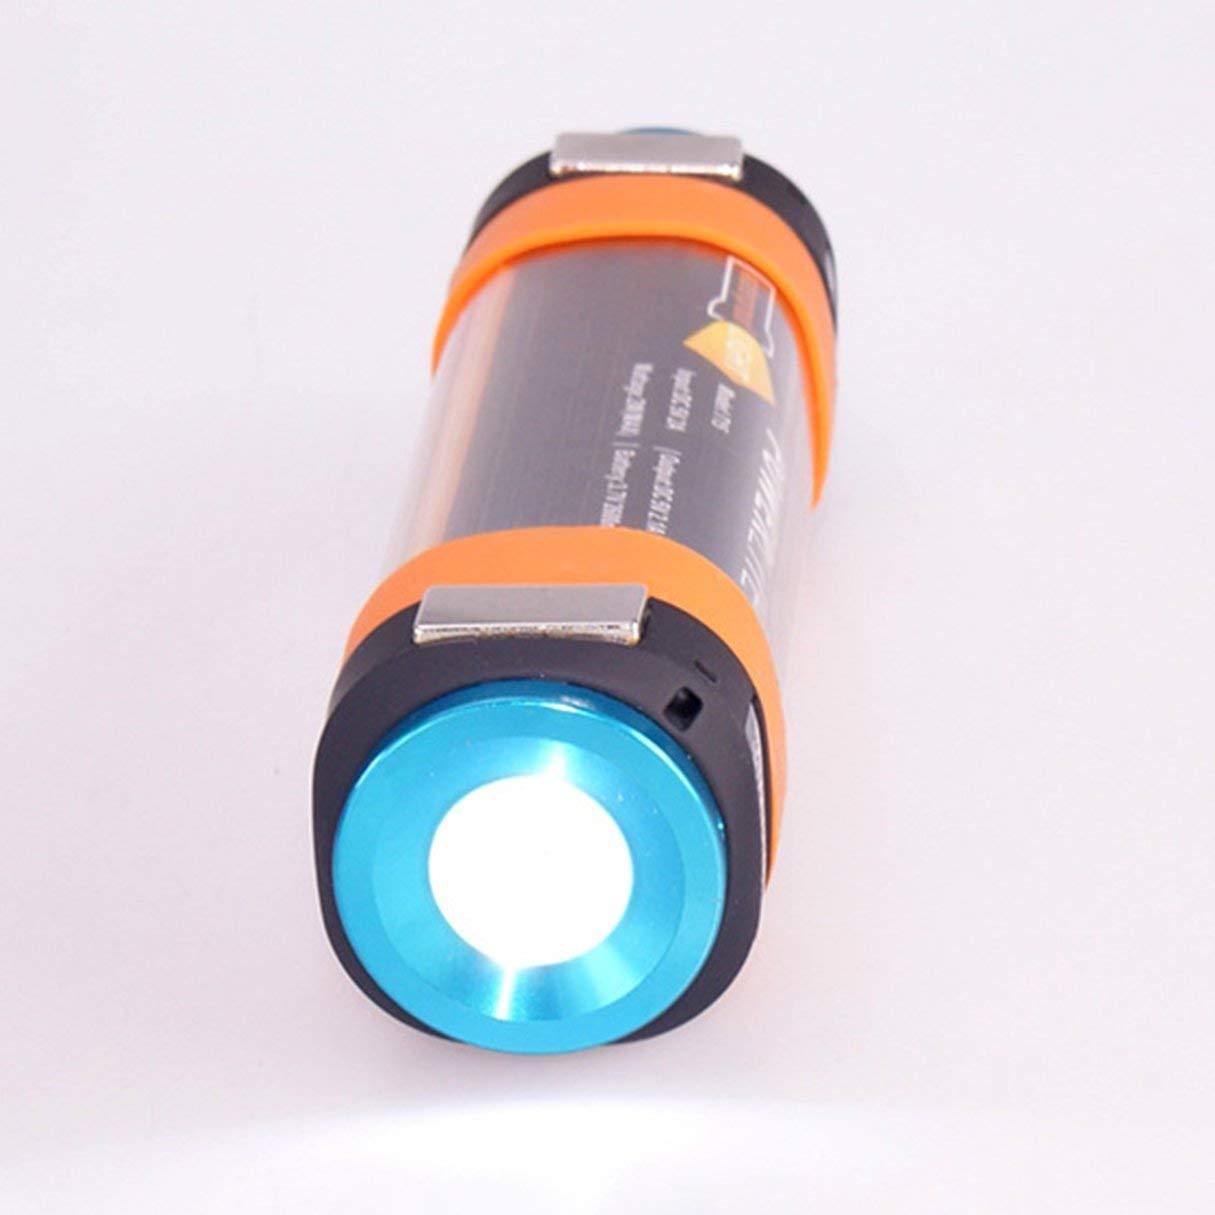 Multifuncional USB de Impermeable Al Aire Libre Antorcha de USB Viaje Linterna Que Acampa Senderismo Luz de Emergencia Portátil Para Desplazar Mosquitos 671893